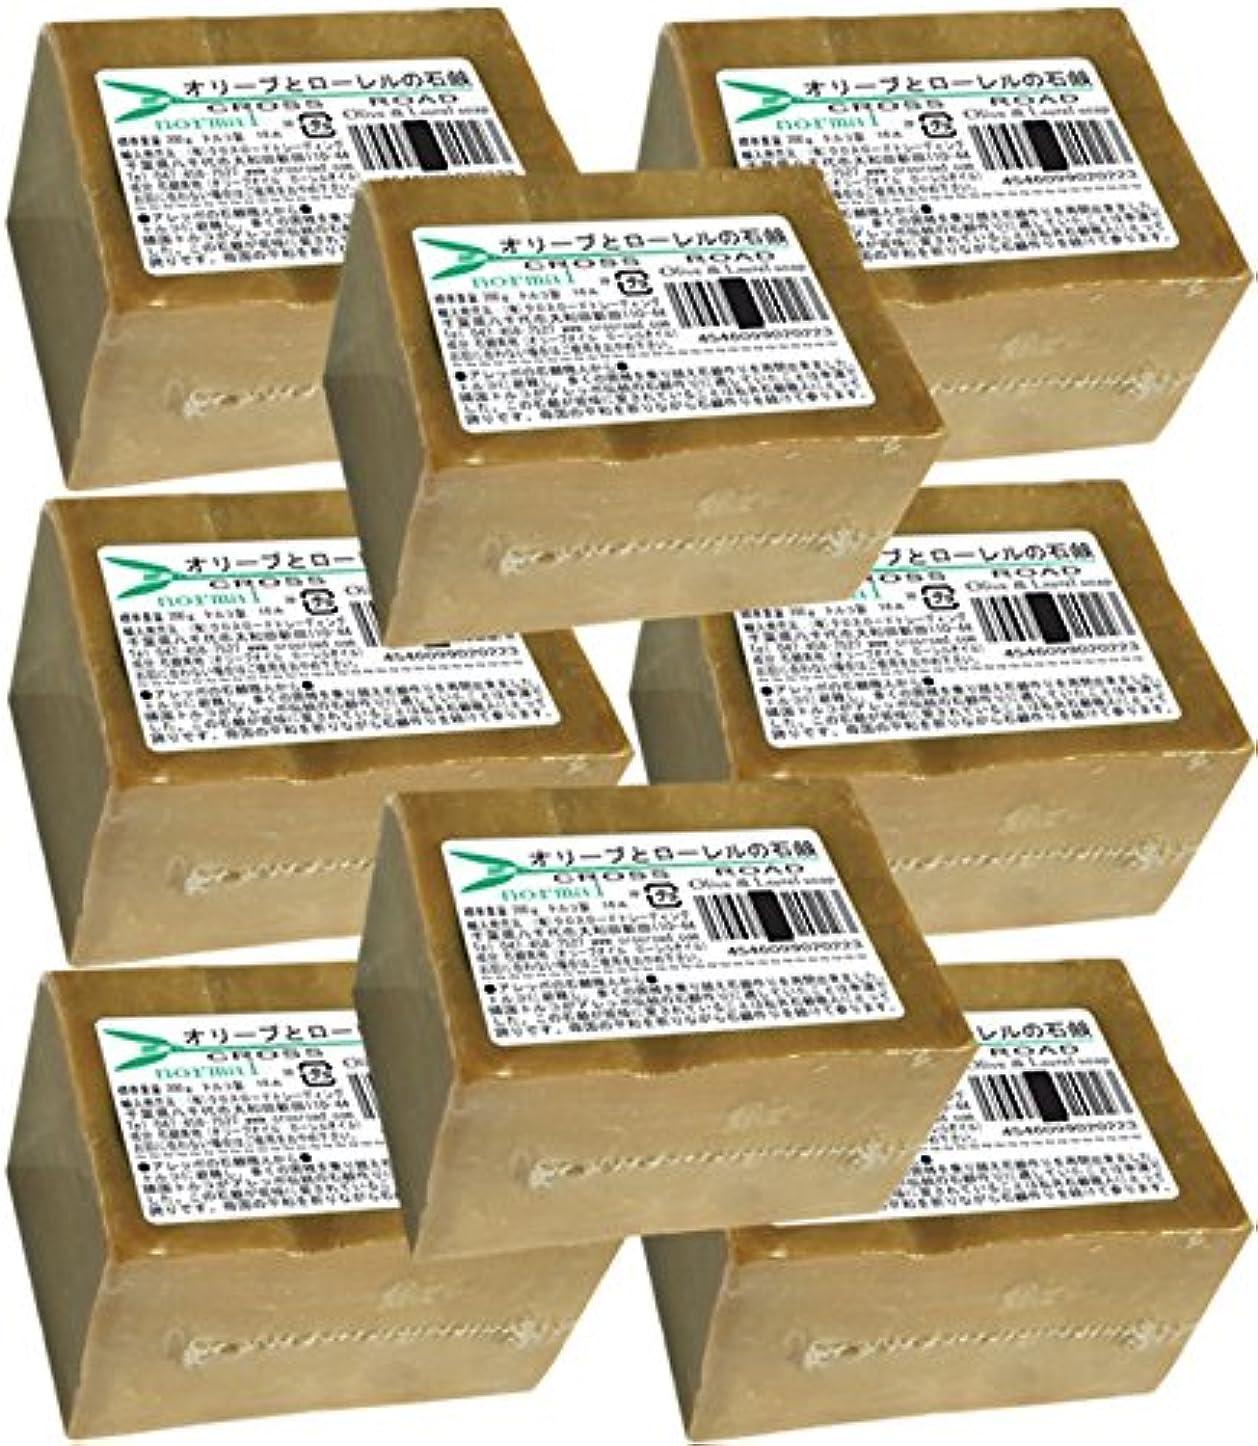 全体にバングラデシュ和解するオリーブとローレルの石鹸(ノーマル)8個セット[並行輸入品]